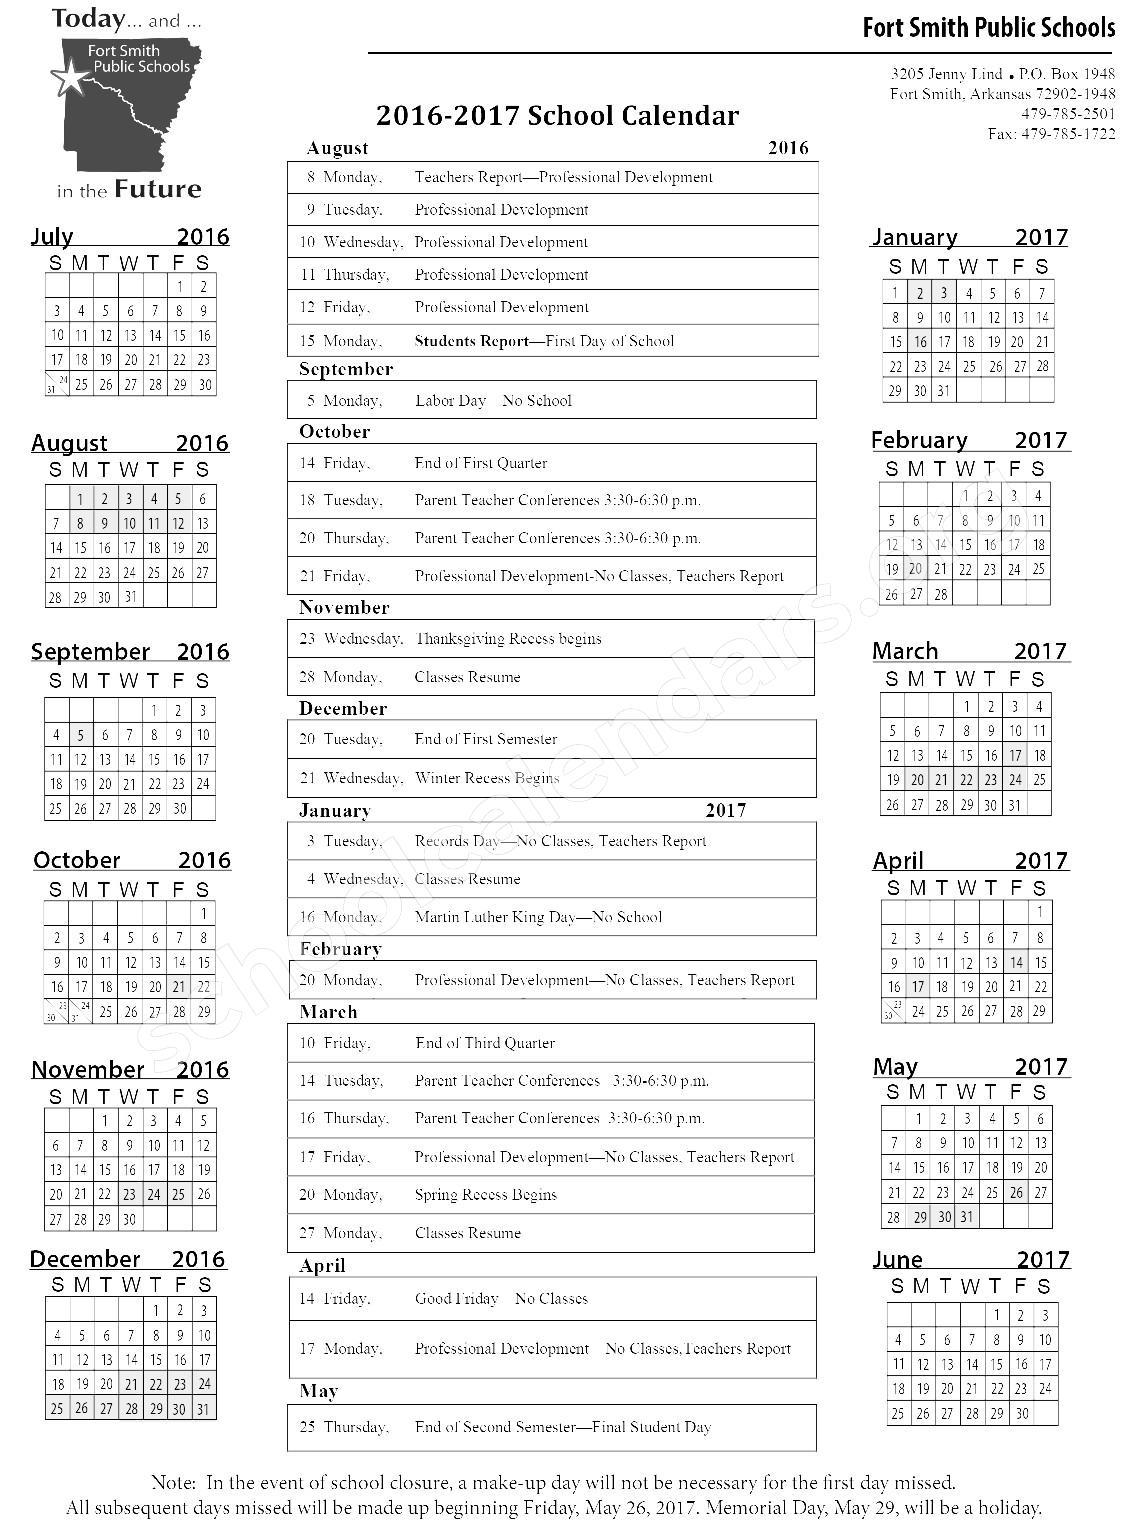 2016 - 2017 School Calendar – Fort Smith Public Schools – page 1